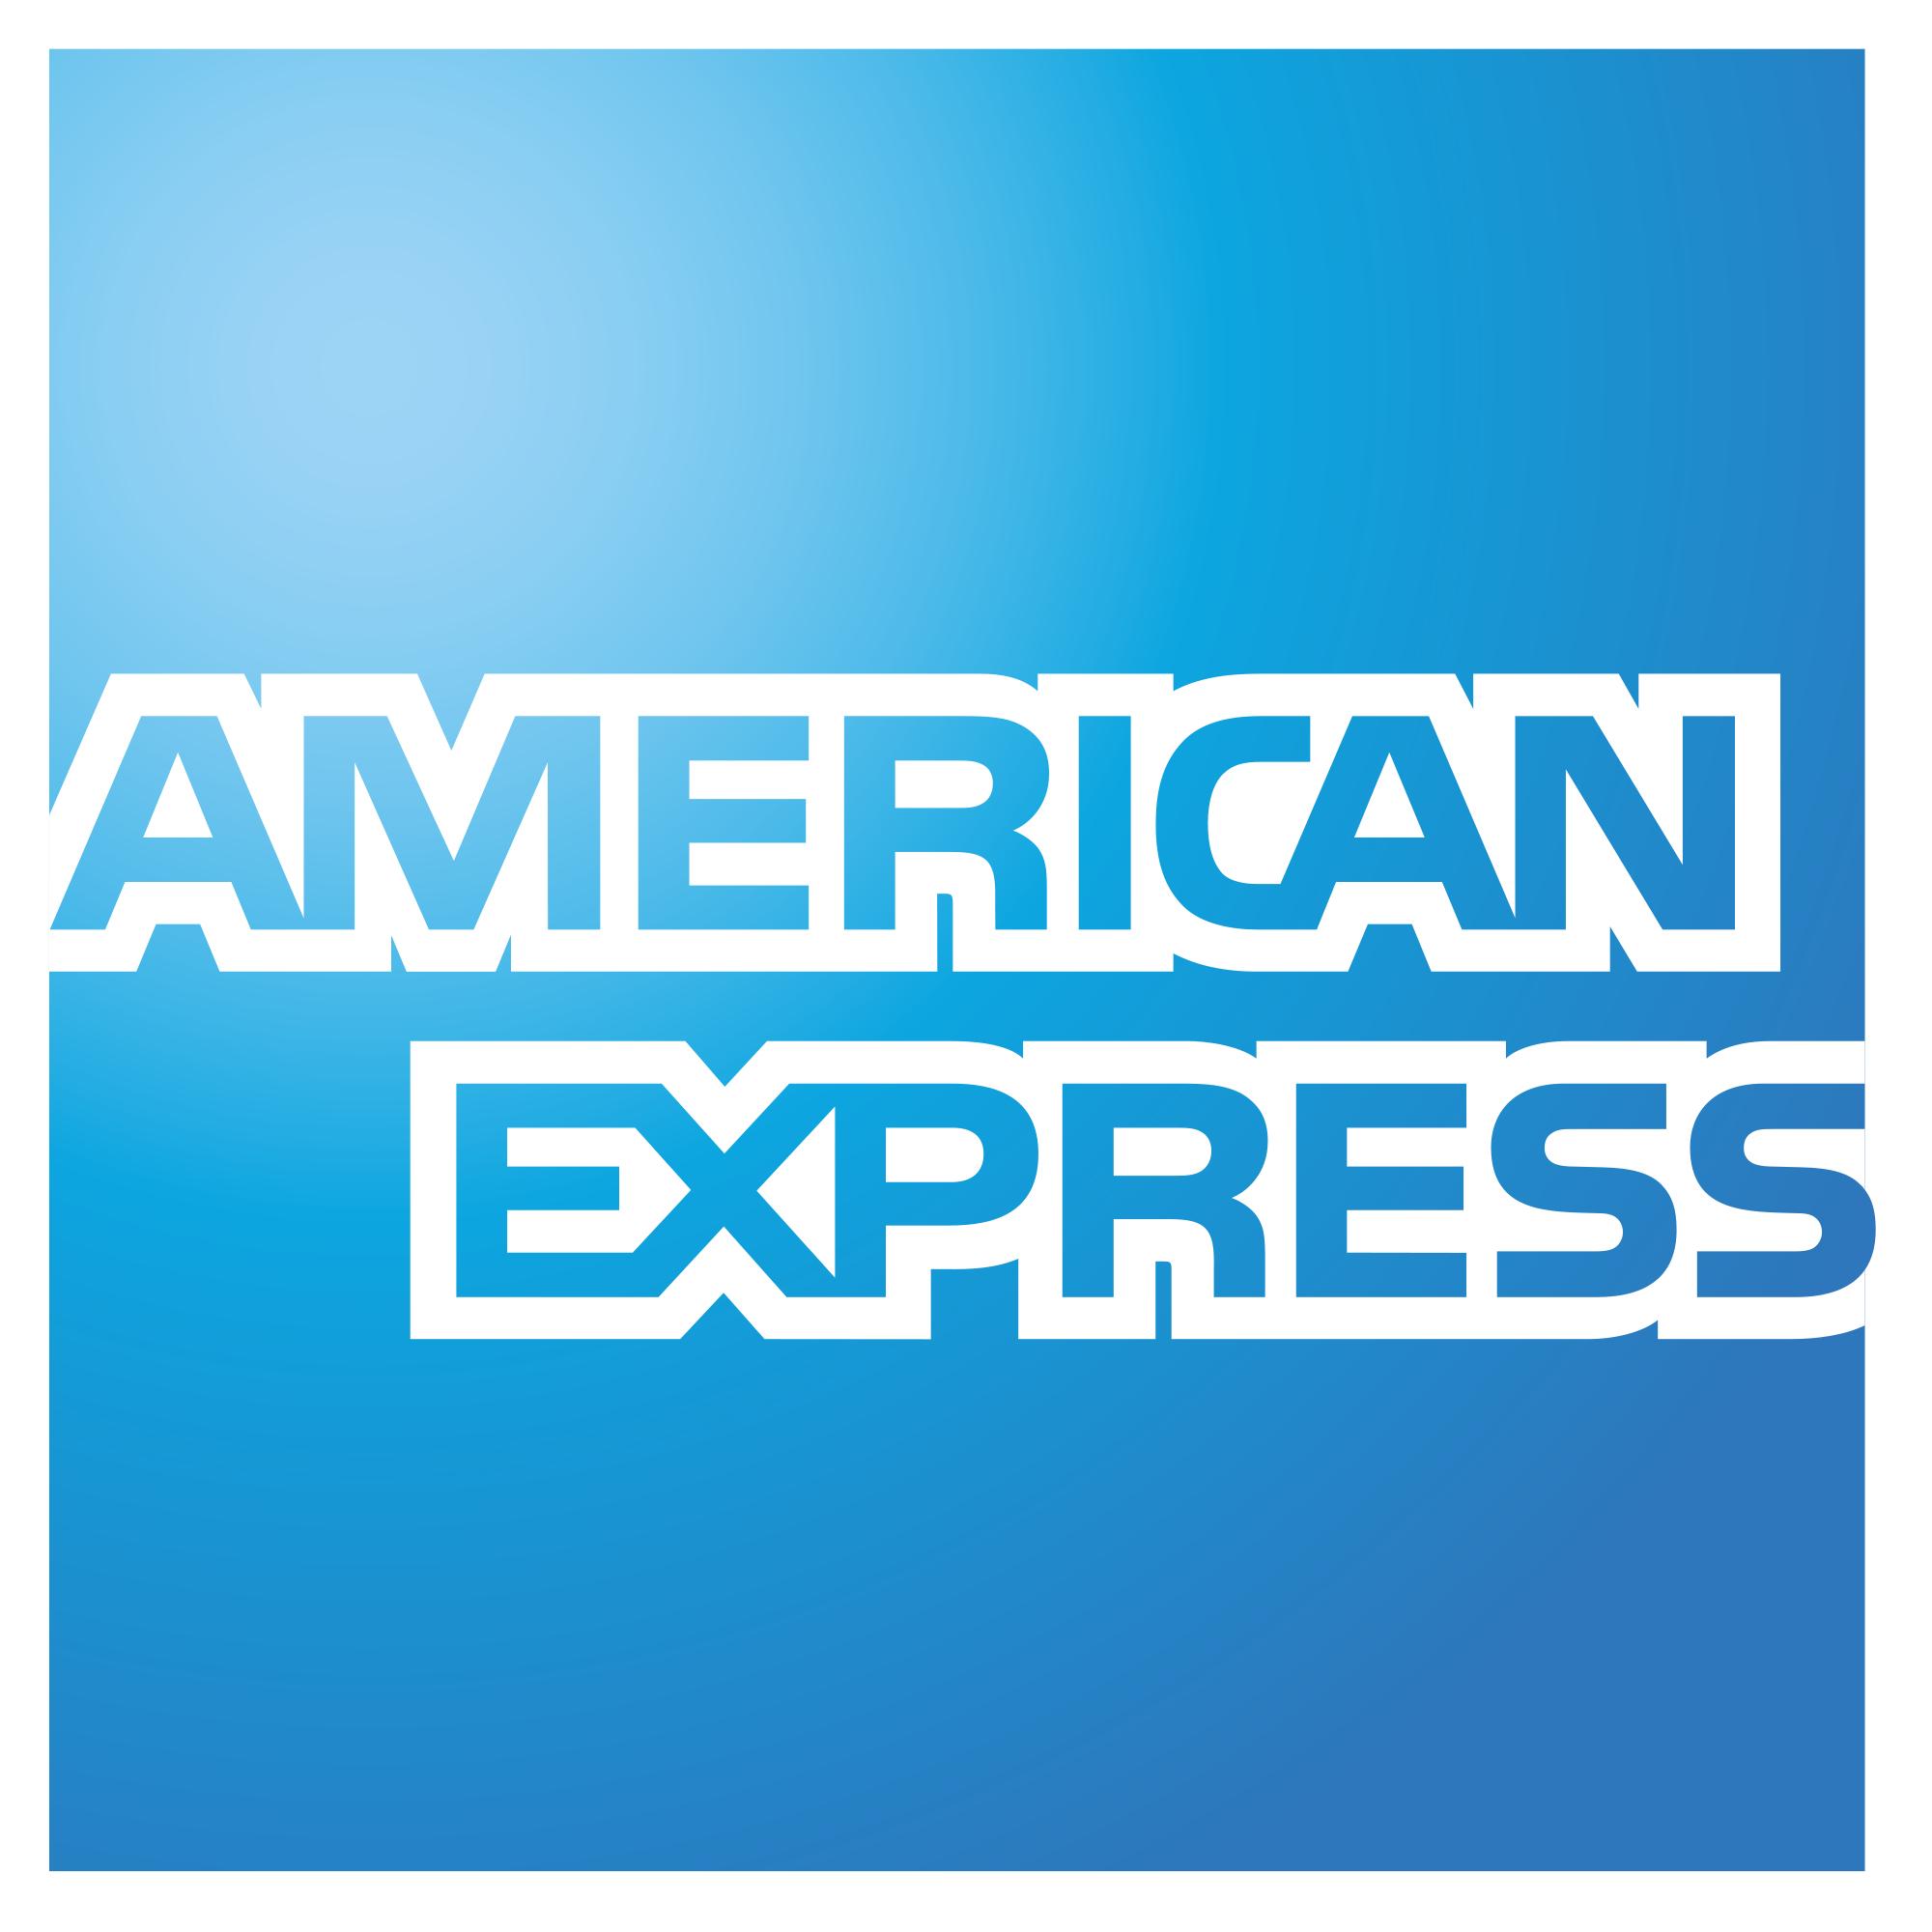 Bis zu 4 x 500 American Express Membership Rewards Punkte für C&A Einkauf (MBW 50€)